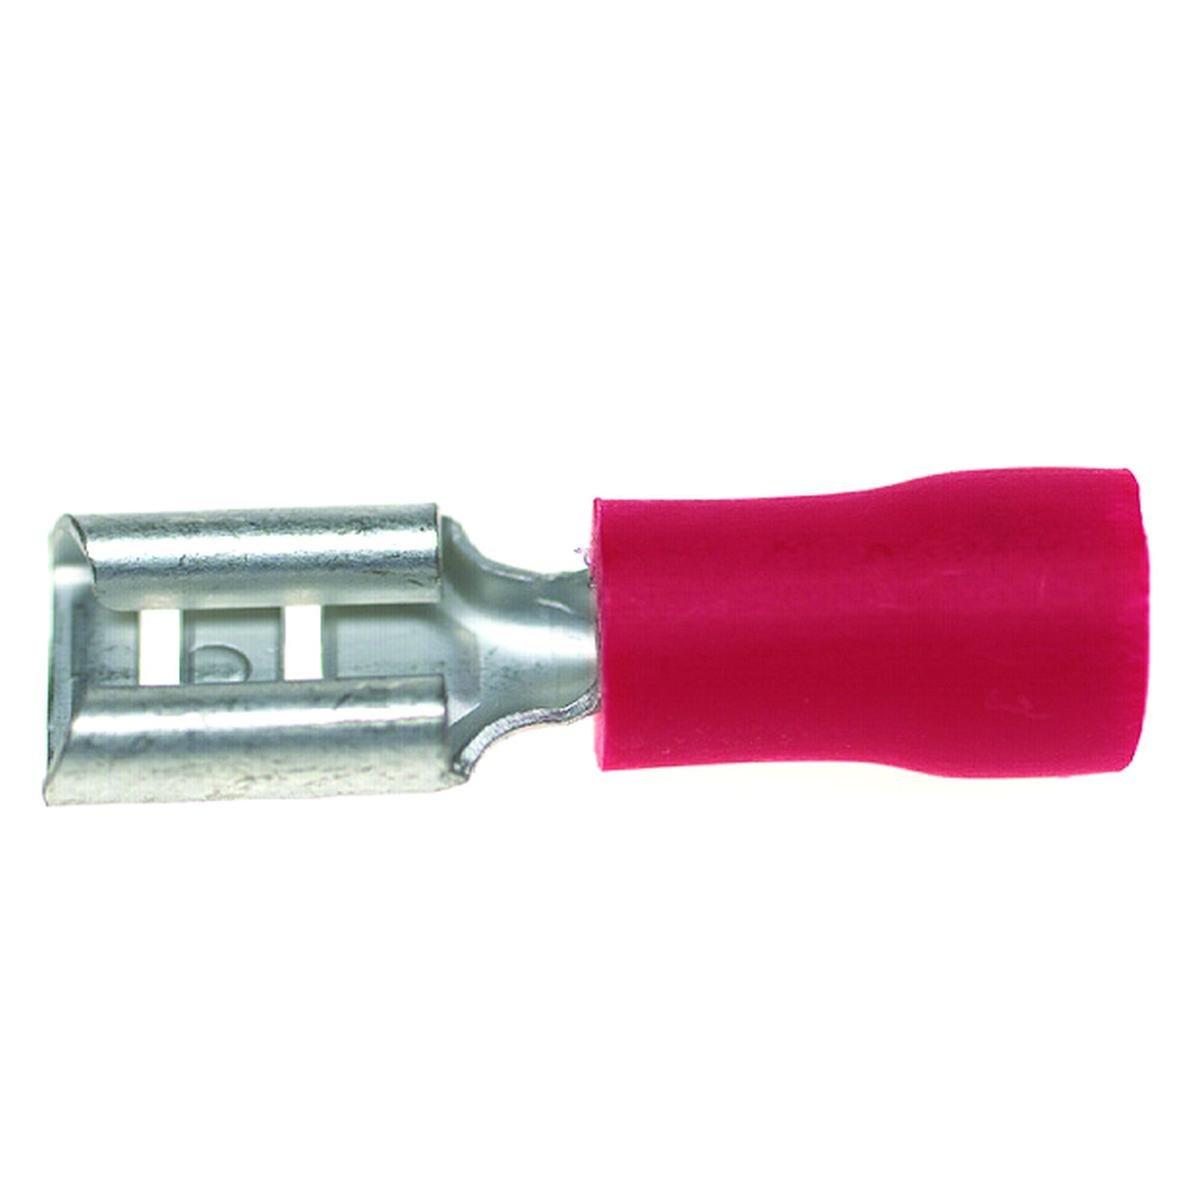 Fladstiksko 0,5 - 1,5 mm² 4,8 mm. stik rød pose me